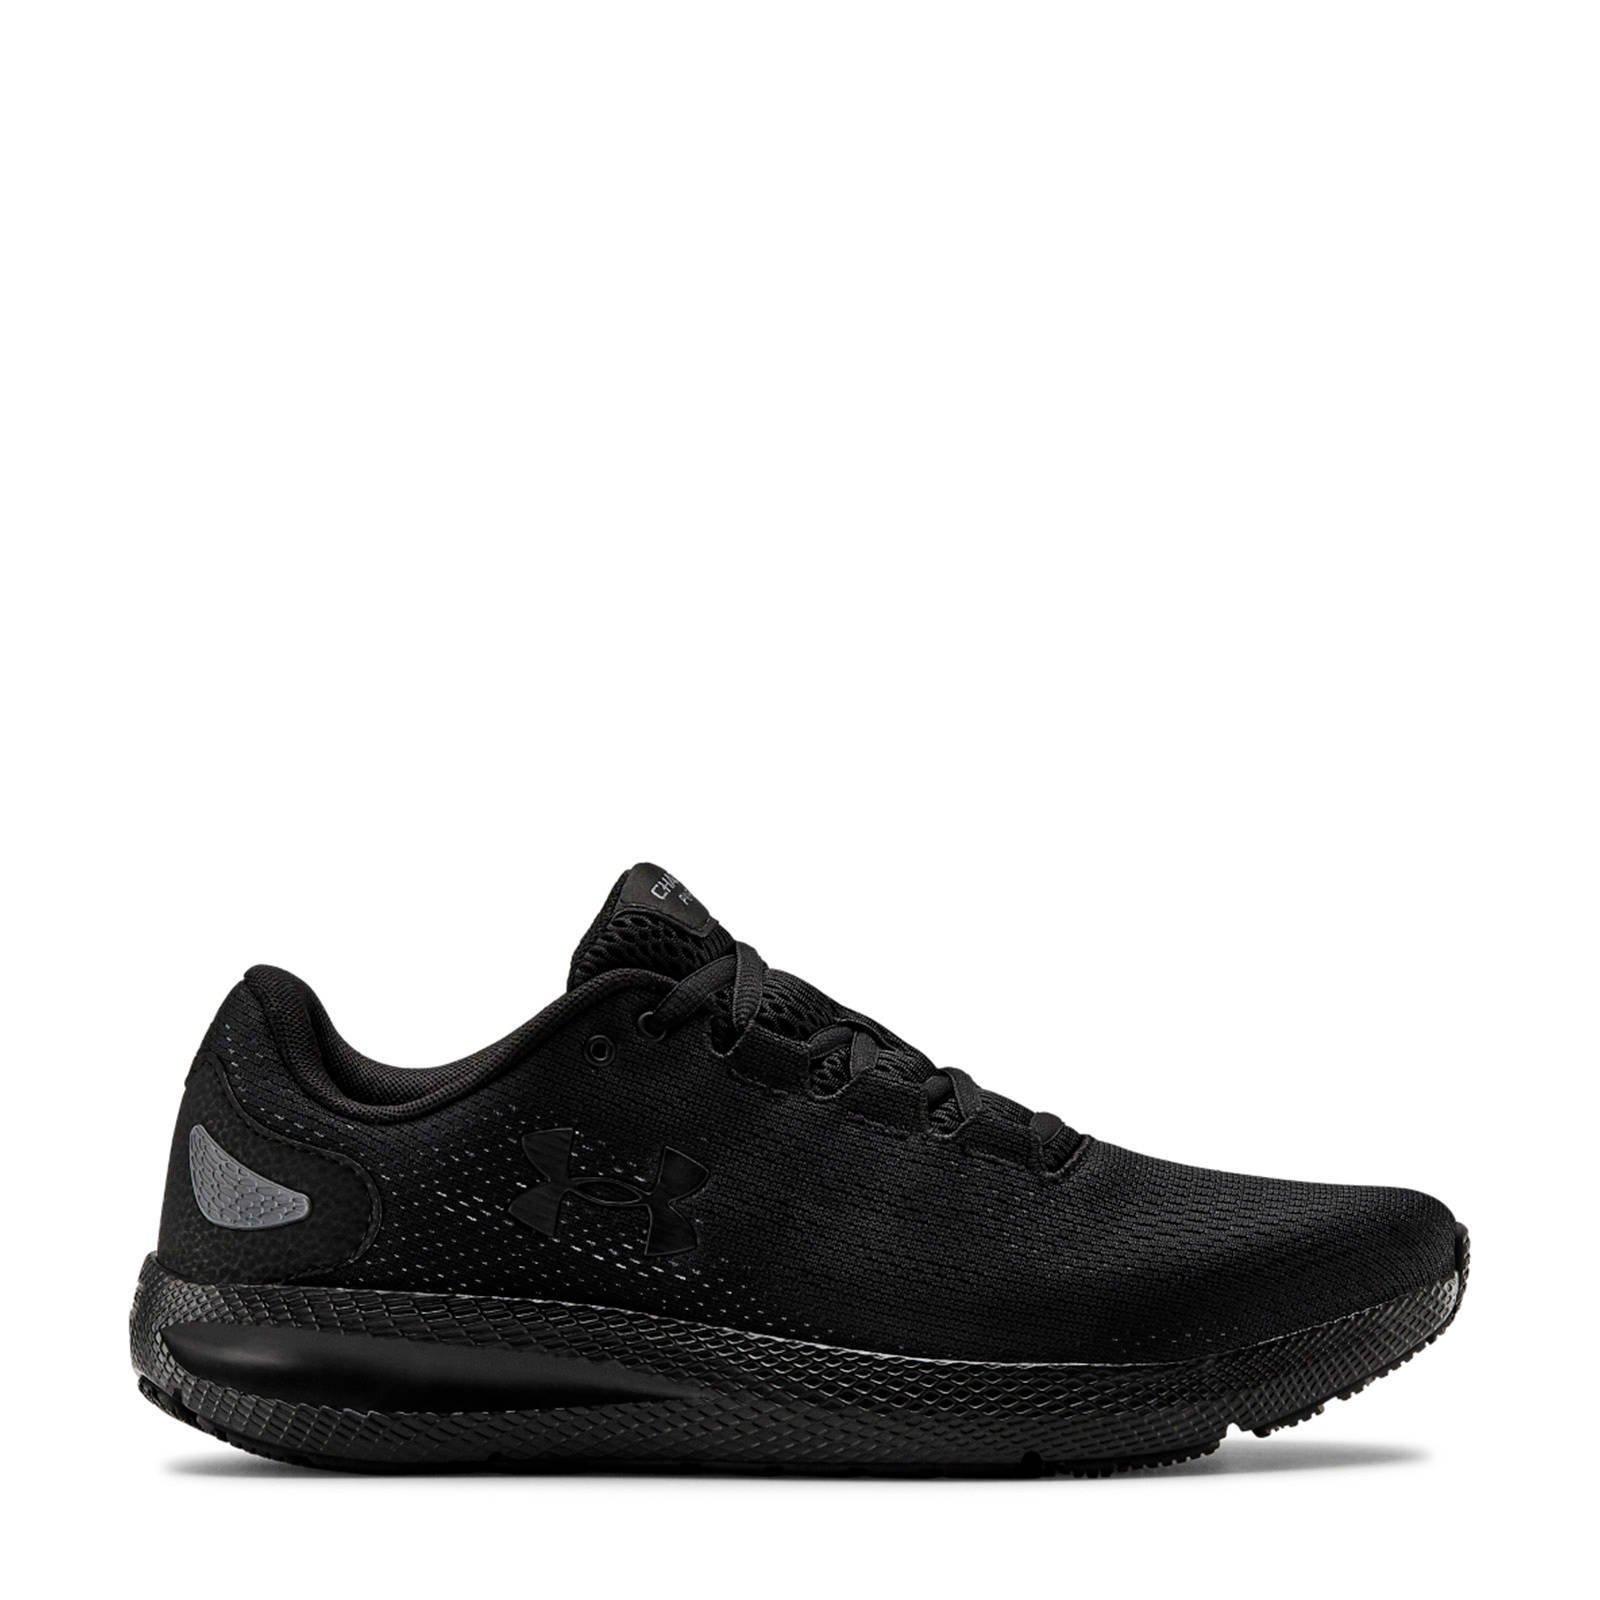 Under Armour Charged Pursuit 2 hardloopschoenen zwart online kopen